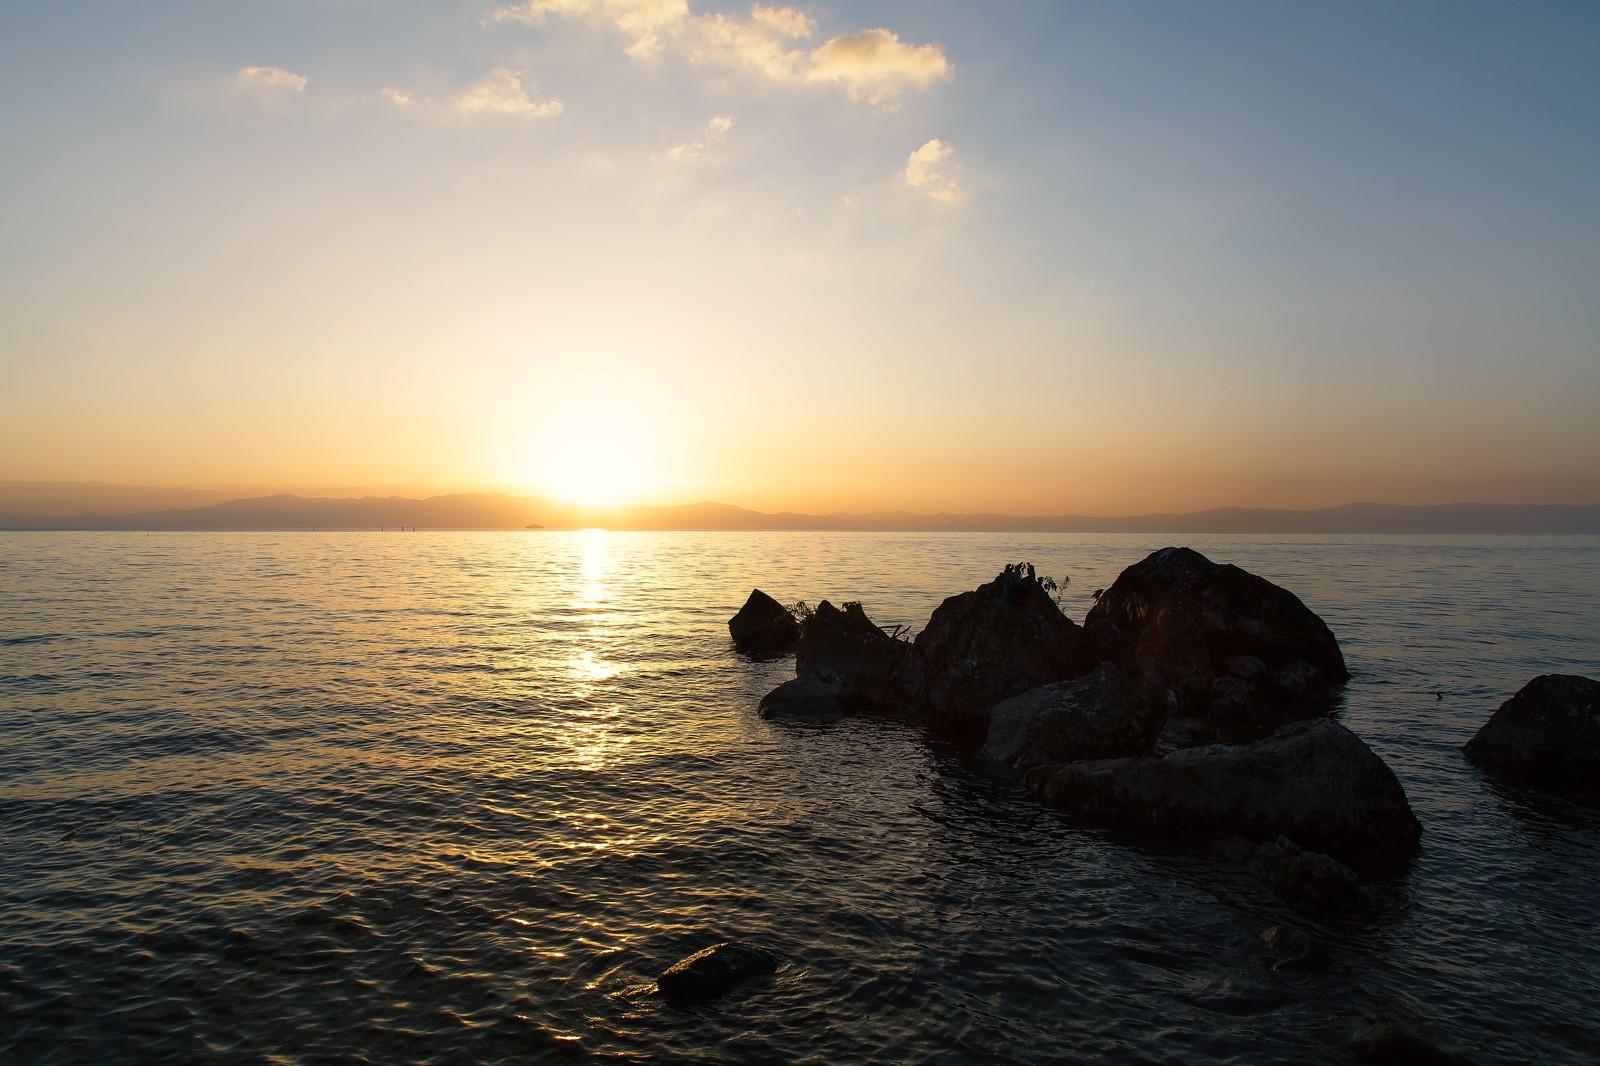 琵琶湖クルーズならミシガン号で決まり!乗り場や料金・ランチを紹介